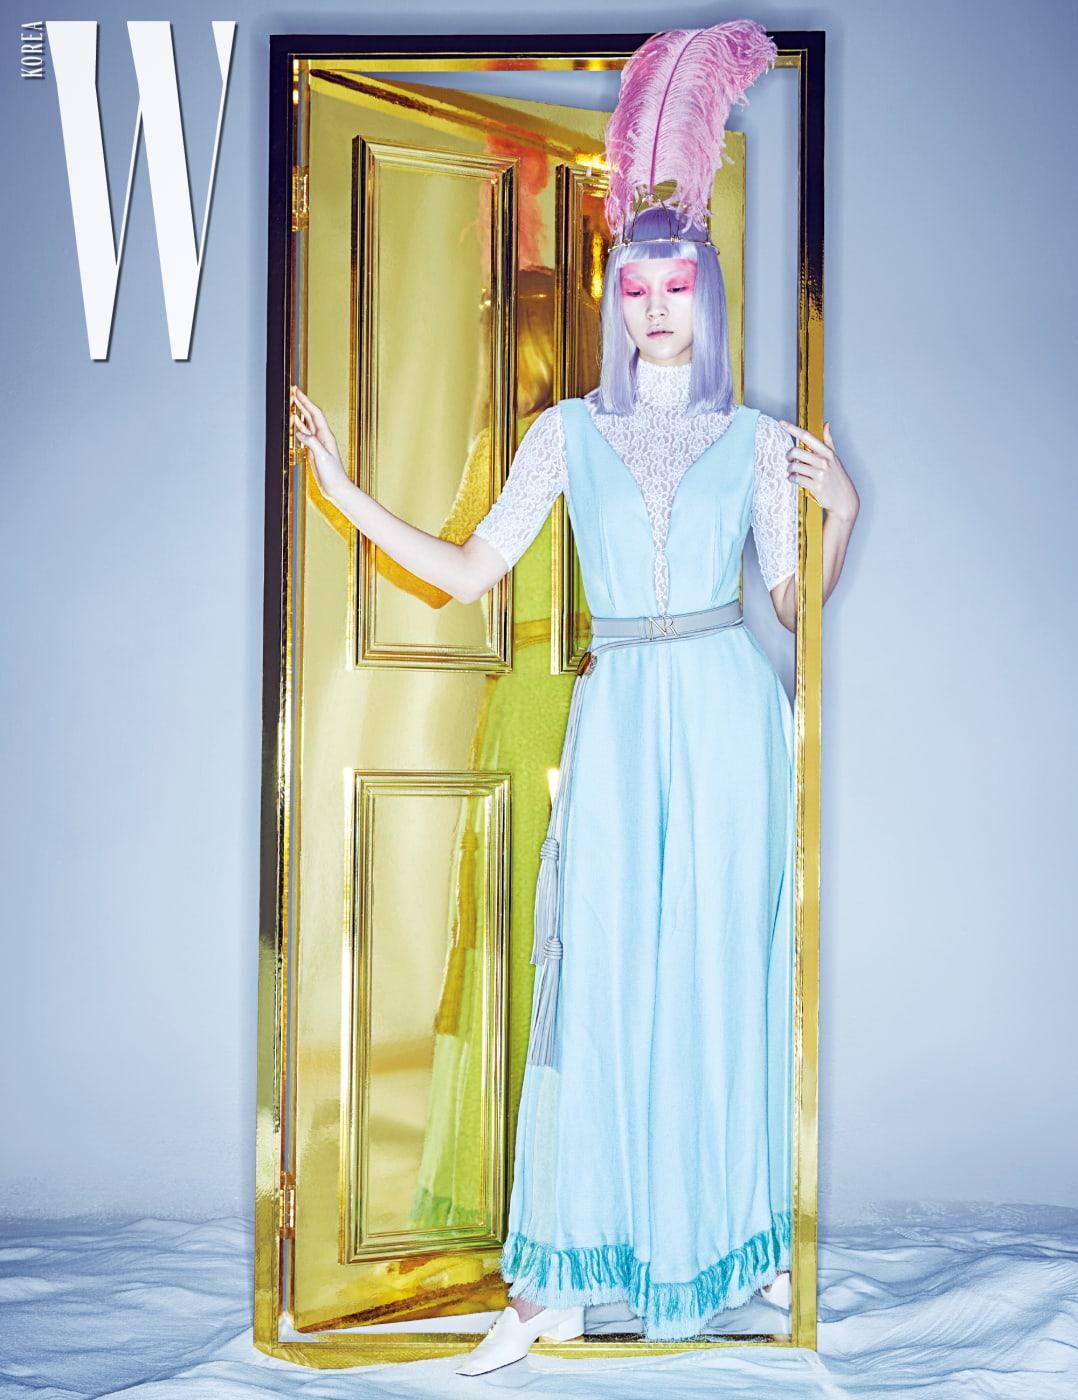 드라마틱한 깃털 헤드피스, 레이스 보디슈트, 유연한 실루엣이 돋보이는 맥시 드레스,  버클 장식 가죽 벨트, 태슬 장식 가죽 벨트,  로퍼는 모두 Nina Ricci 제품.